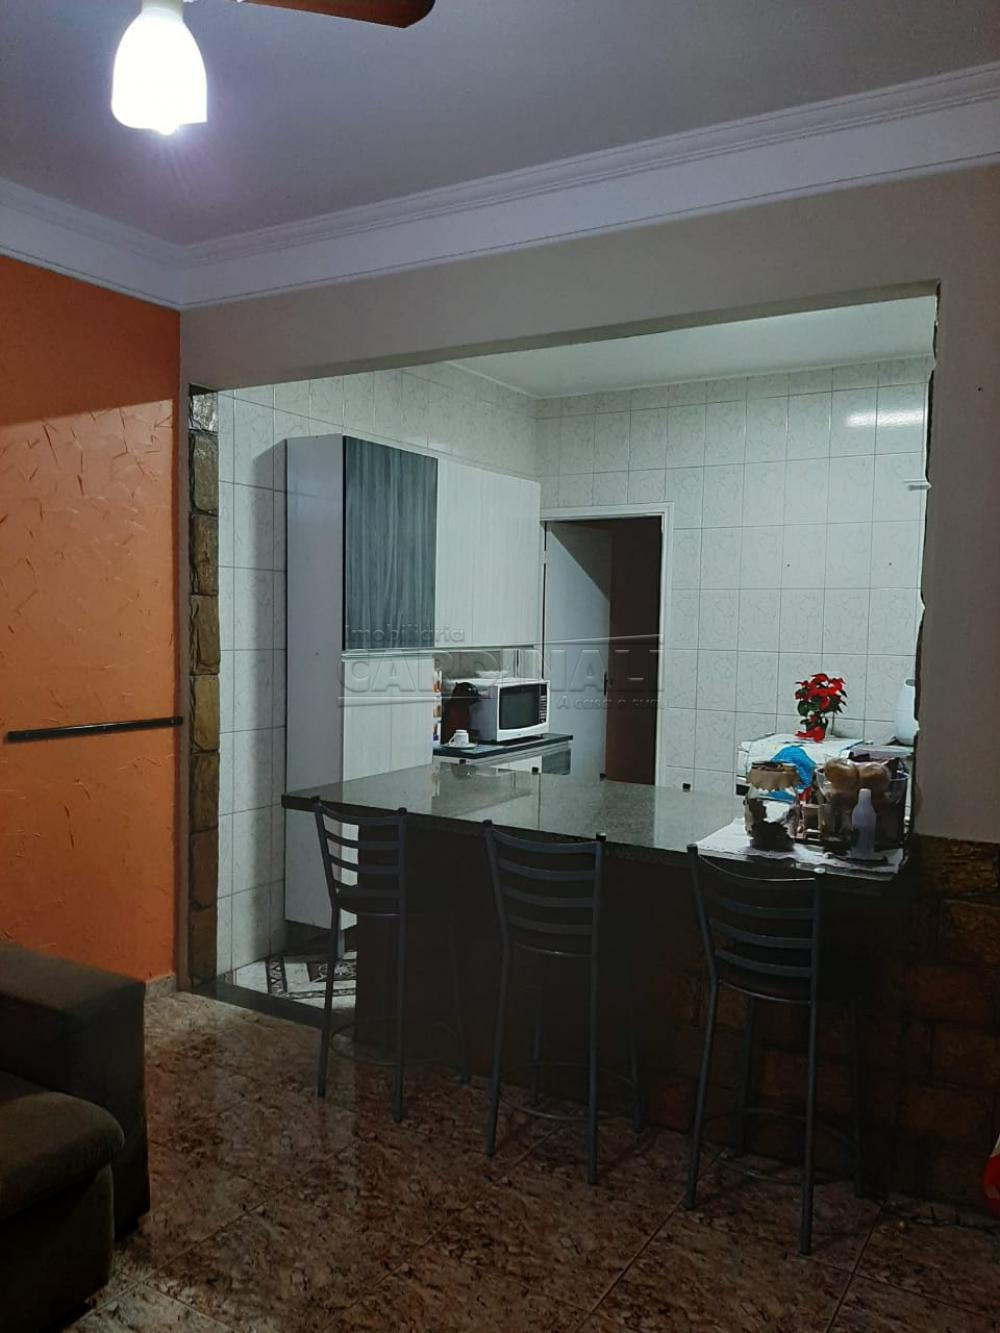 Comprar Casa / Padrão em São Carlos R$ 373.000,00 - Foto 6